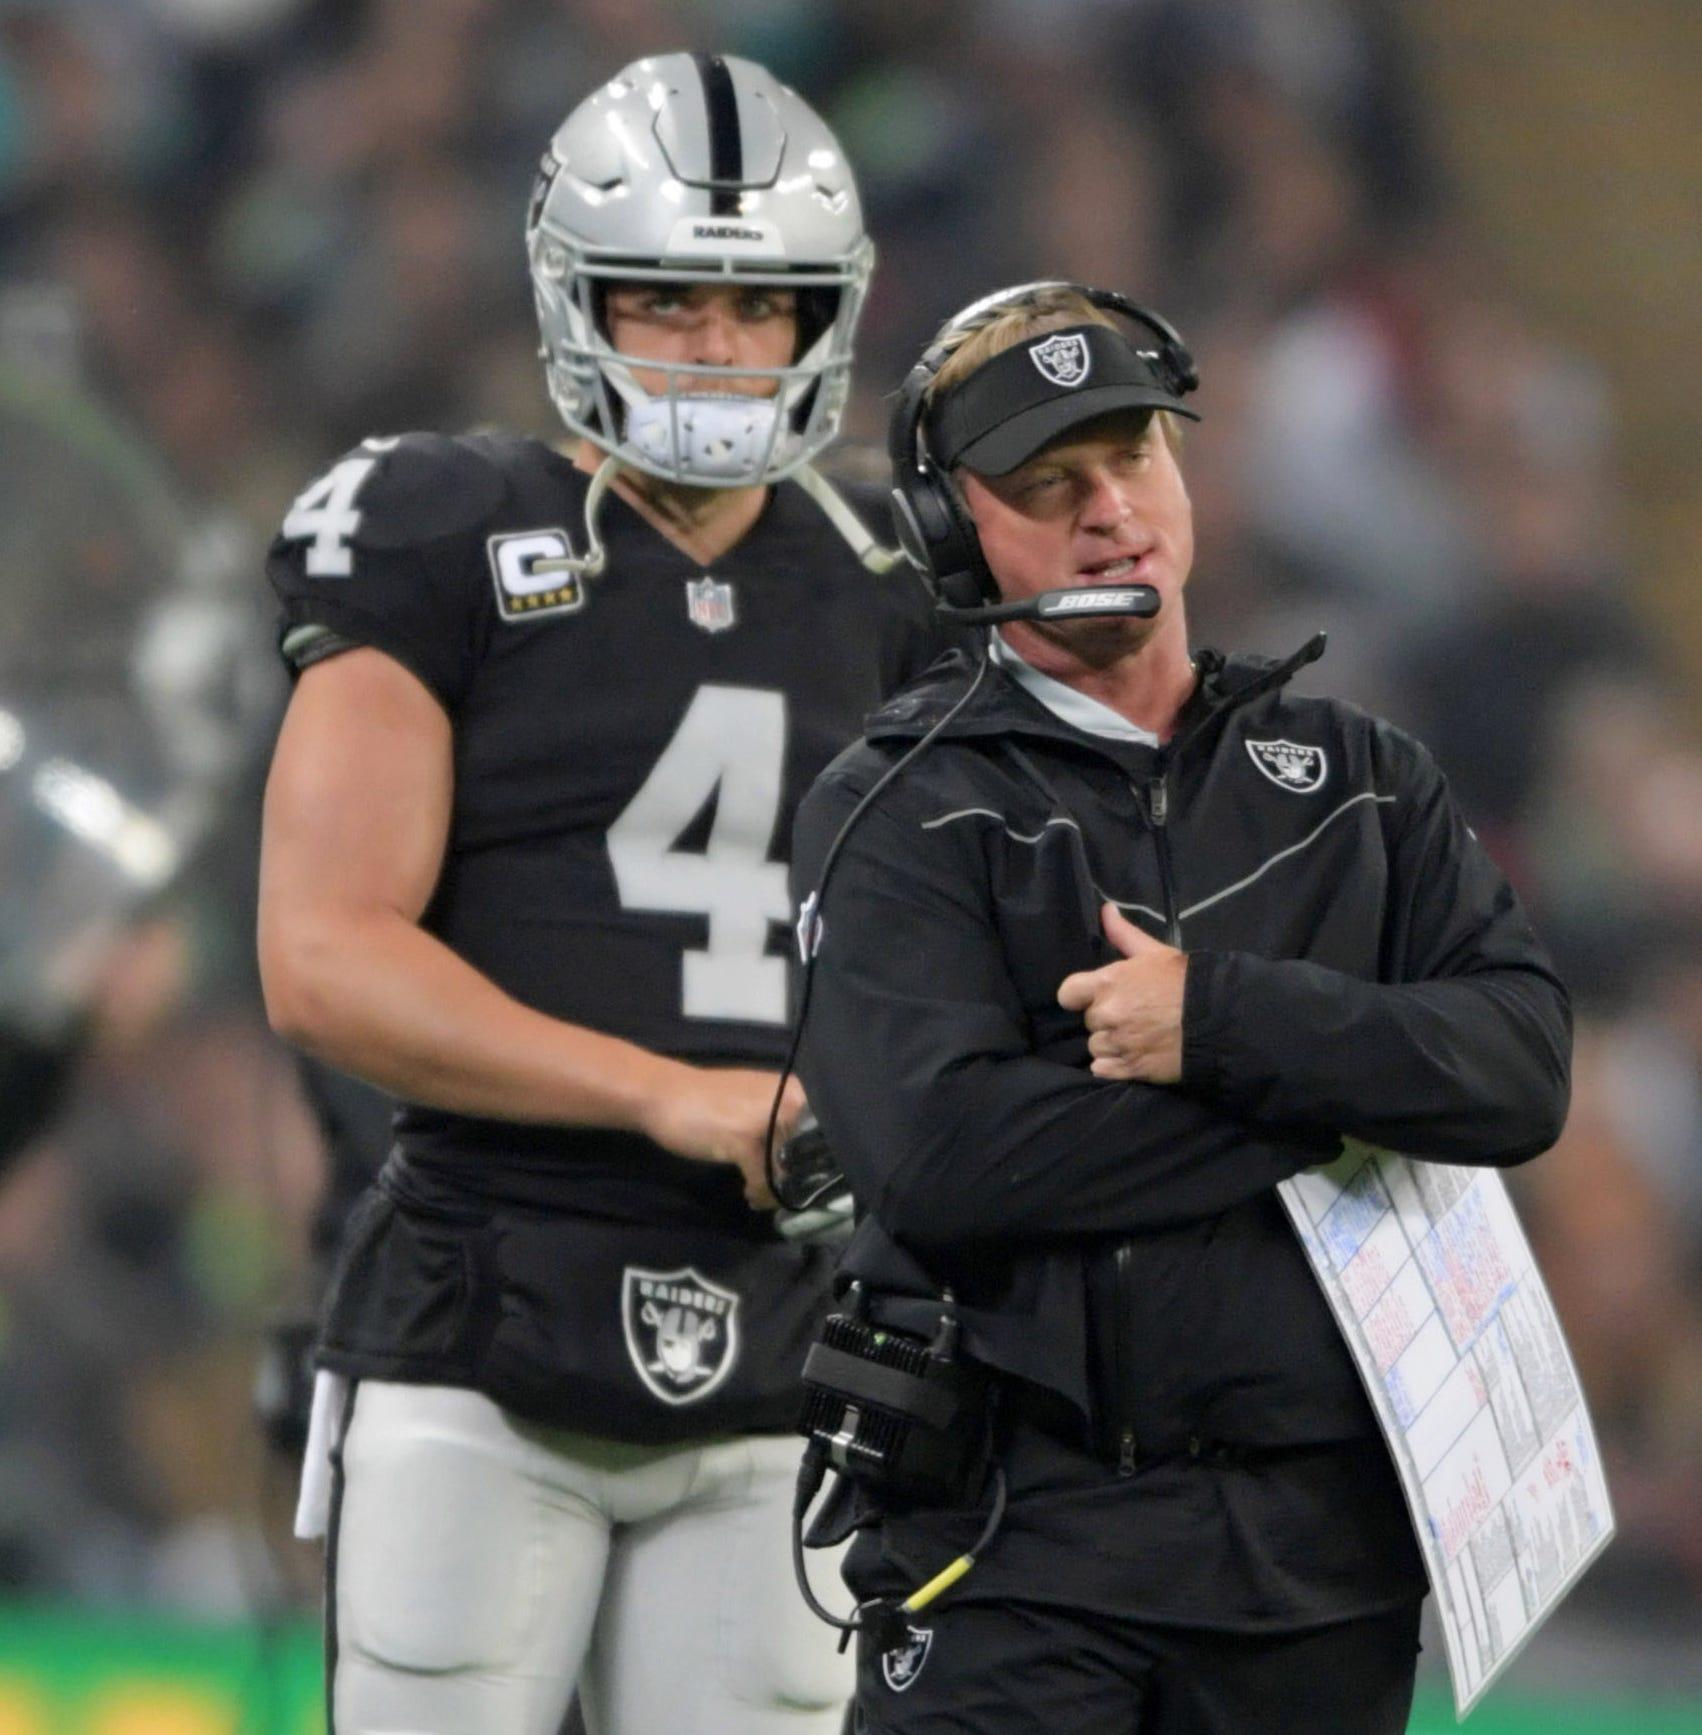 """31. Raiders (30): Who's next to go? Amari Cooper? Gareon Conley? Reggie McKenzie? At least Jon Gruden's """"team"""" is still Bay Area's best ... maybe."""